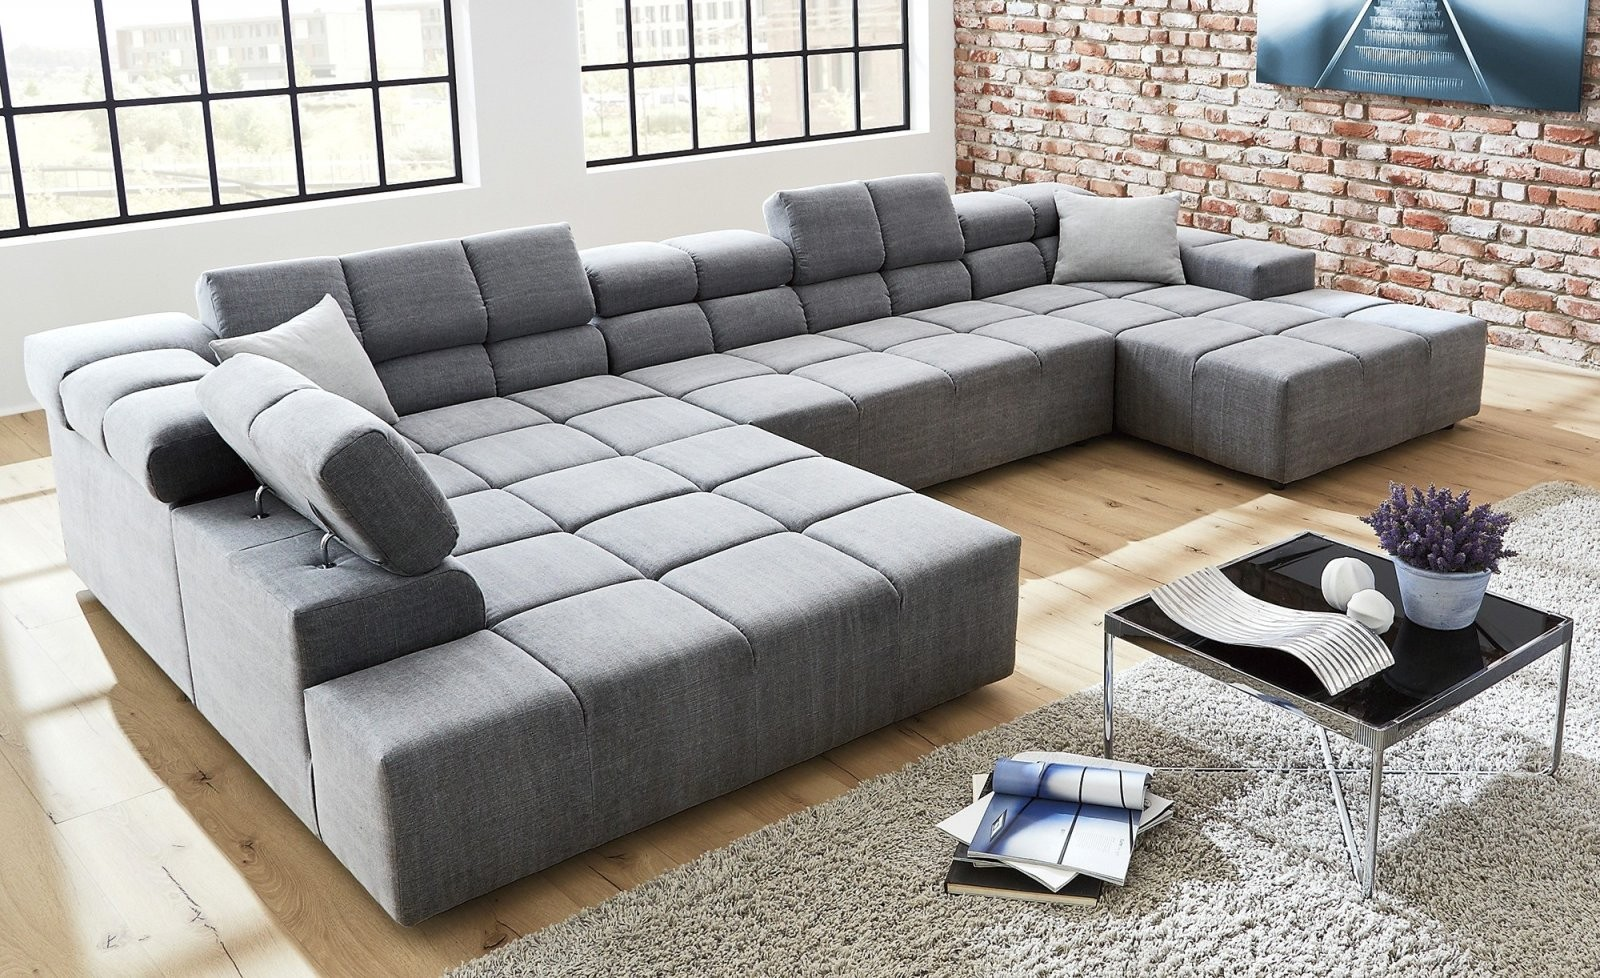 Wunderbar Wohnlandschaft Xxl U Form Big Sofa Full Size Furniture Das von Xxl Wohnlandschaft U Form Photo